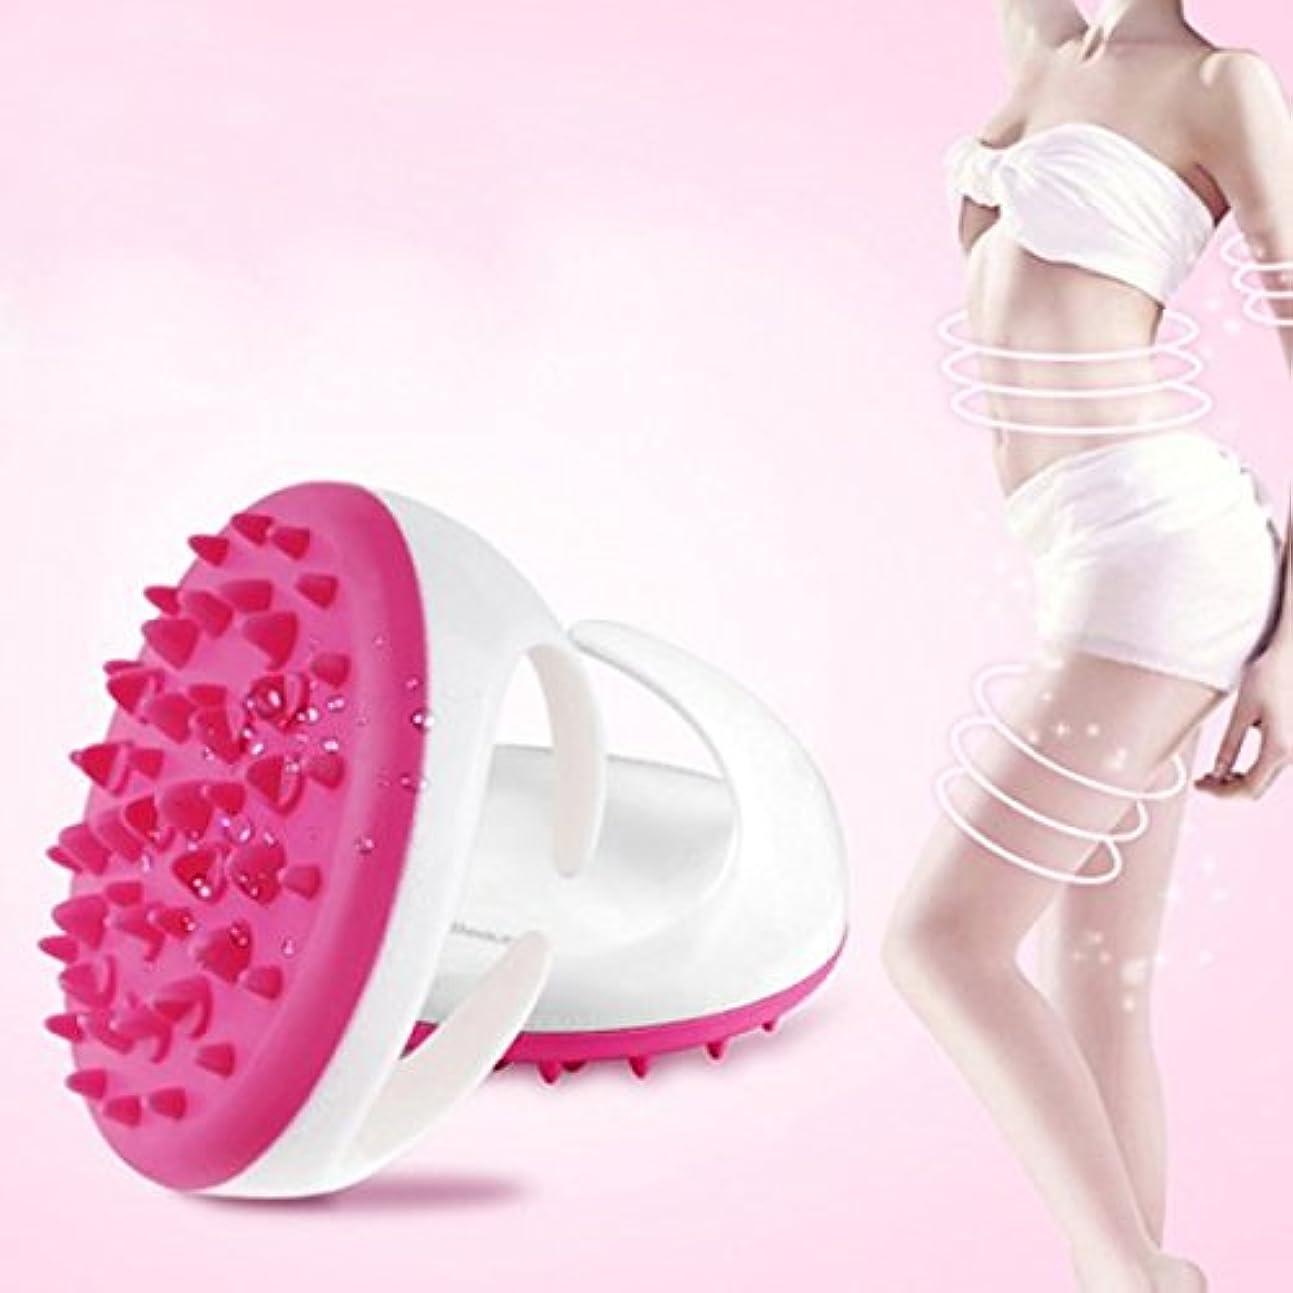 認識破壊する展示会Carejoy マッサージ ブラシ ボディ シェイプ 美形 ダイエットブラシ 血液循環新陳代謝を促進 腹部 臀部 足など用  ピンク グリーン パープル色ランダムに発送